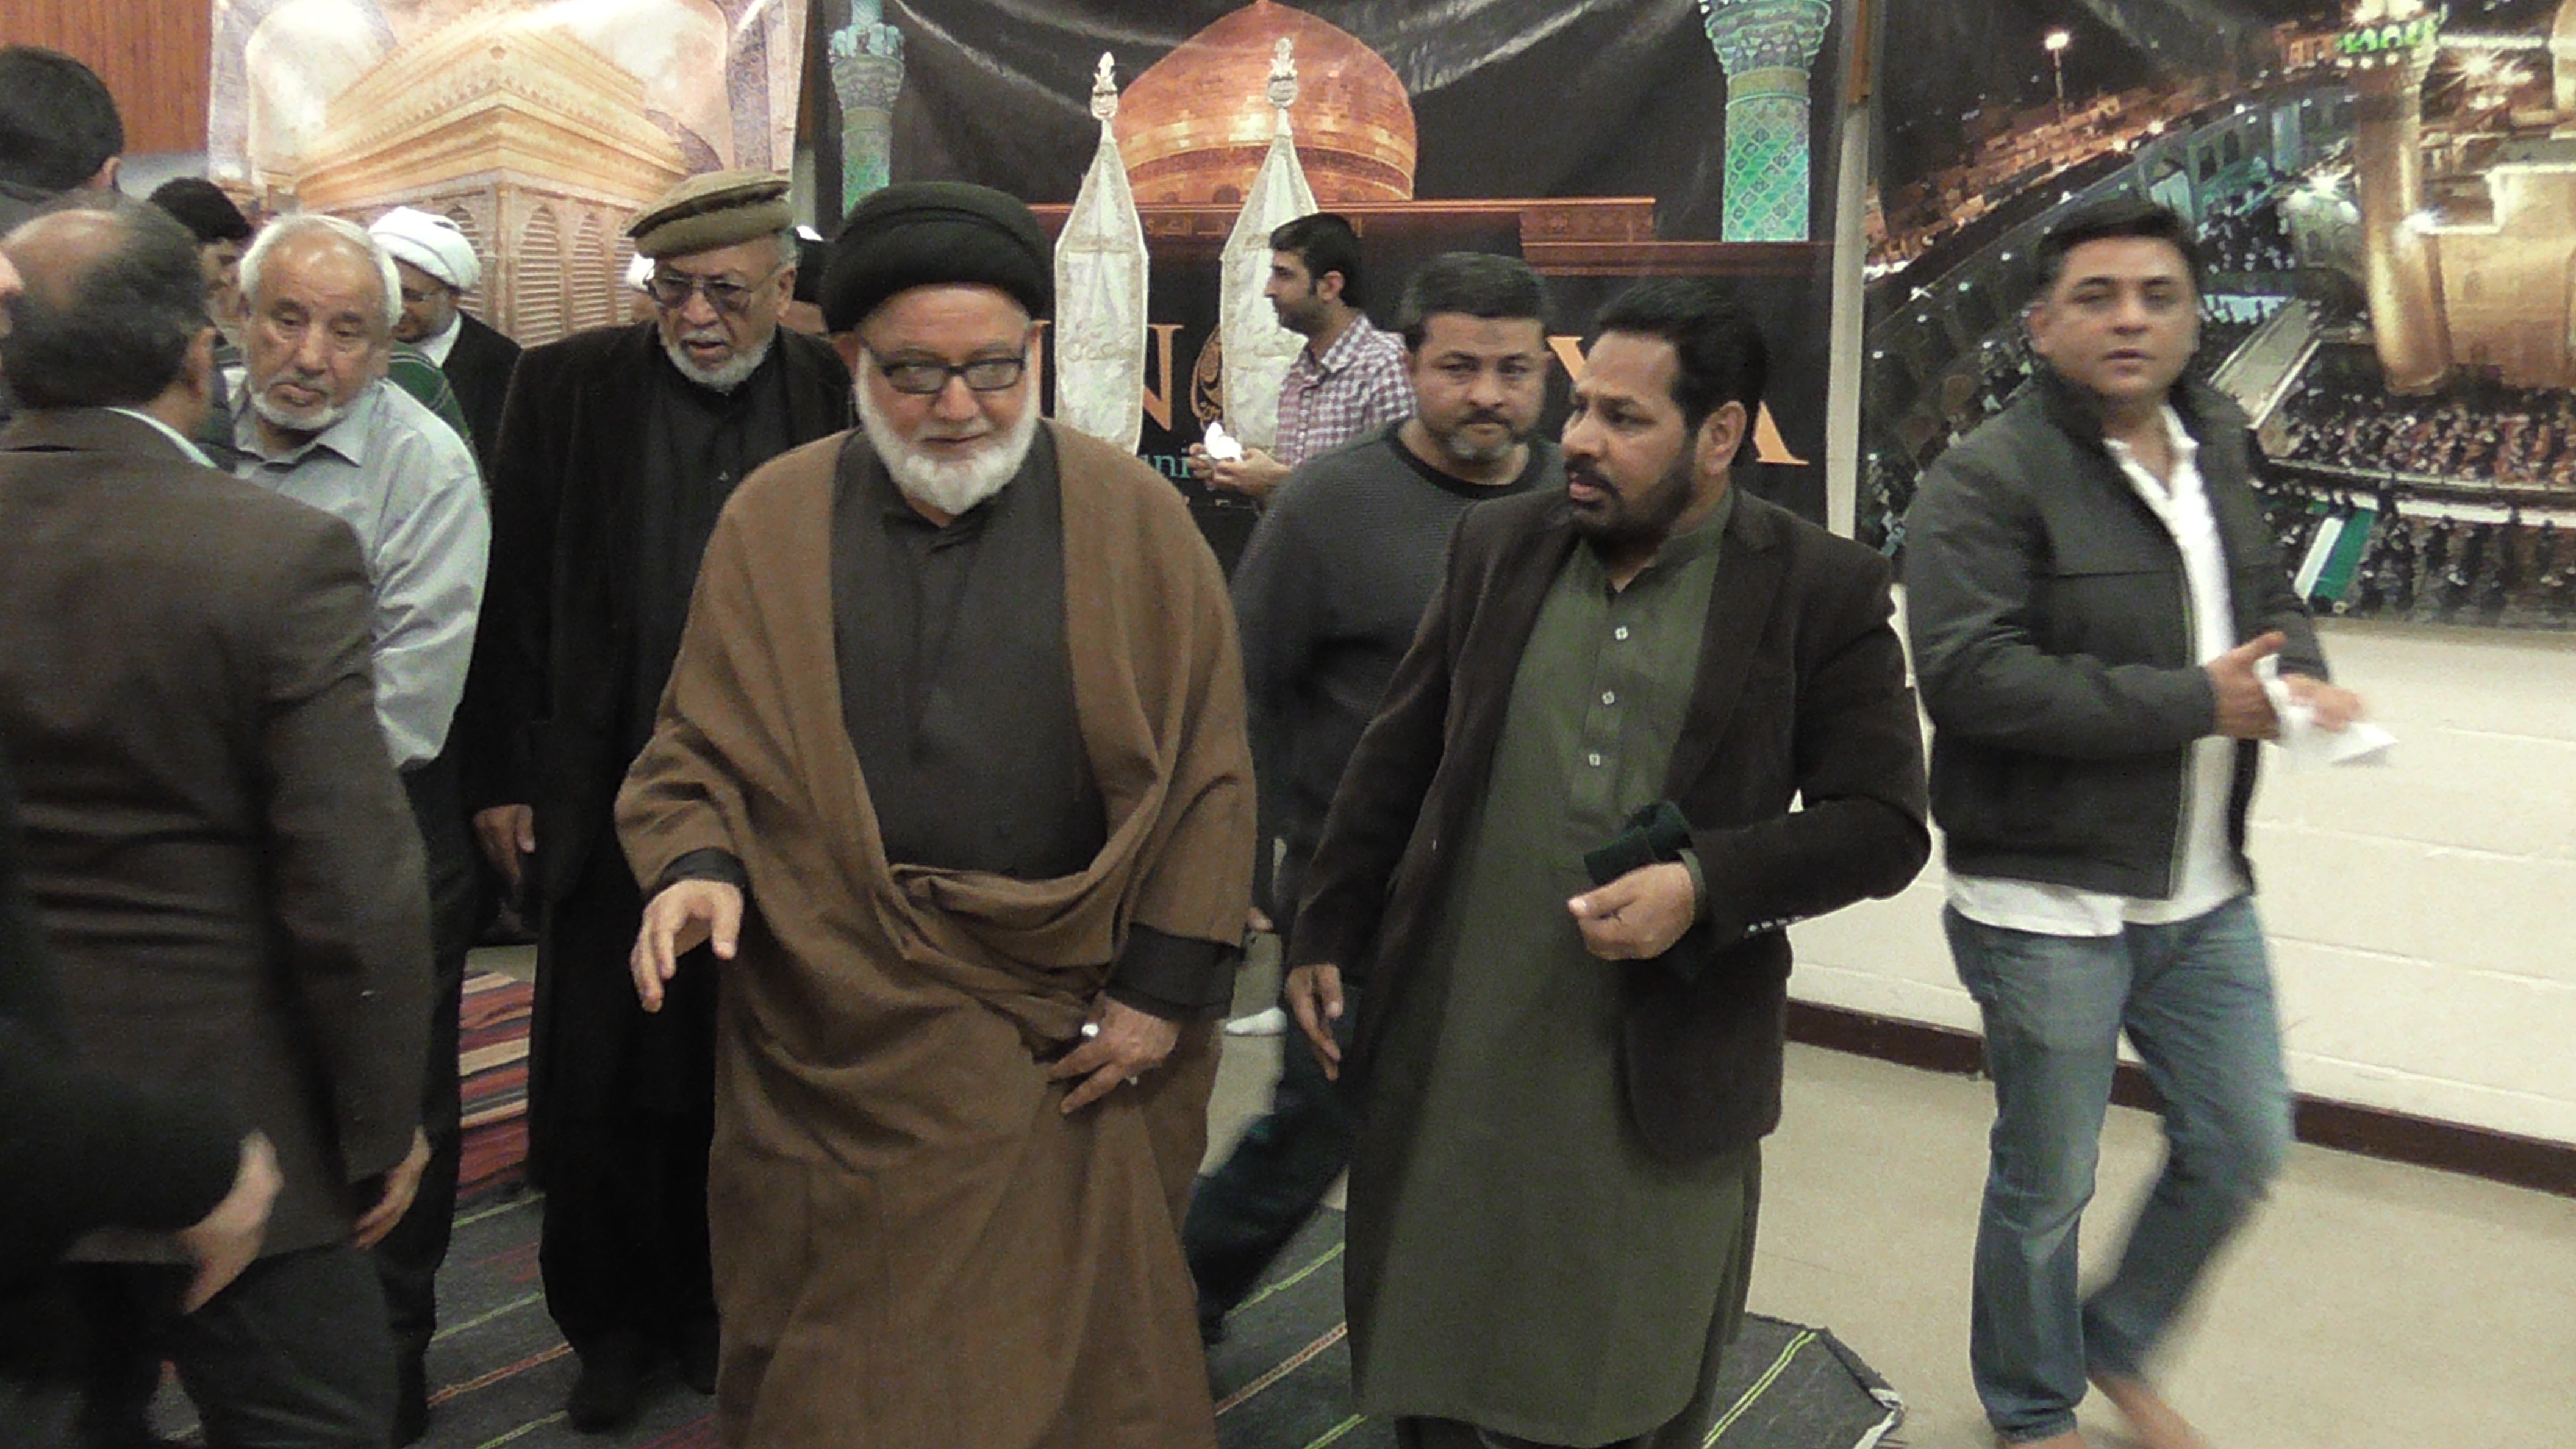 Ayatullah Agha Murtaza Kashmiri